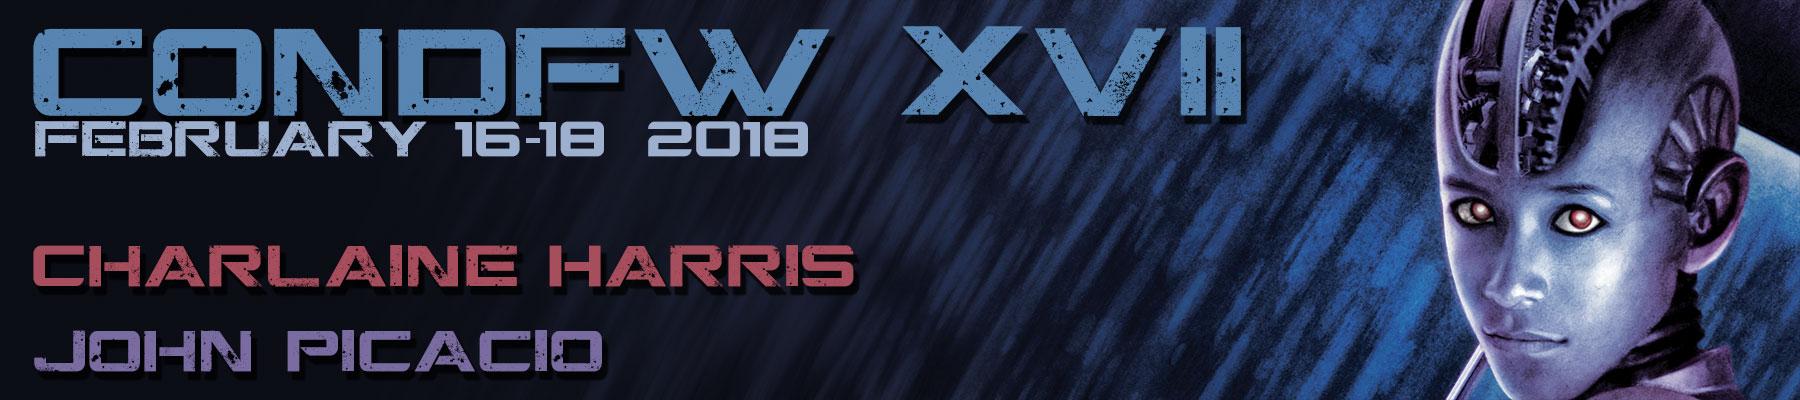 ConDFW XVIII